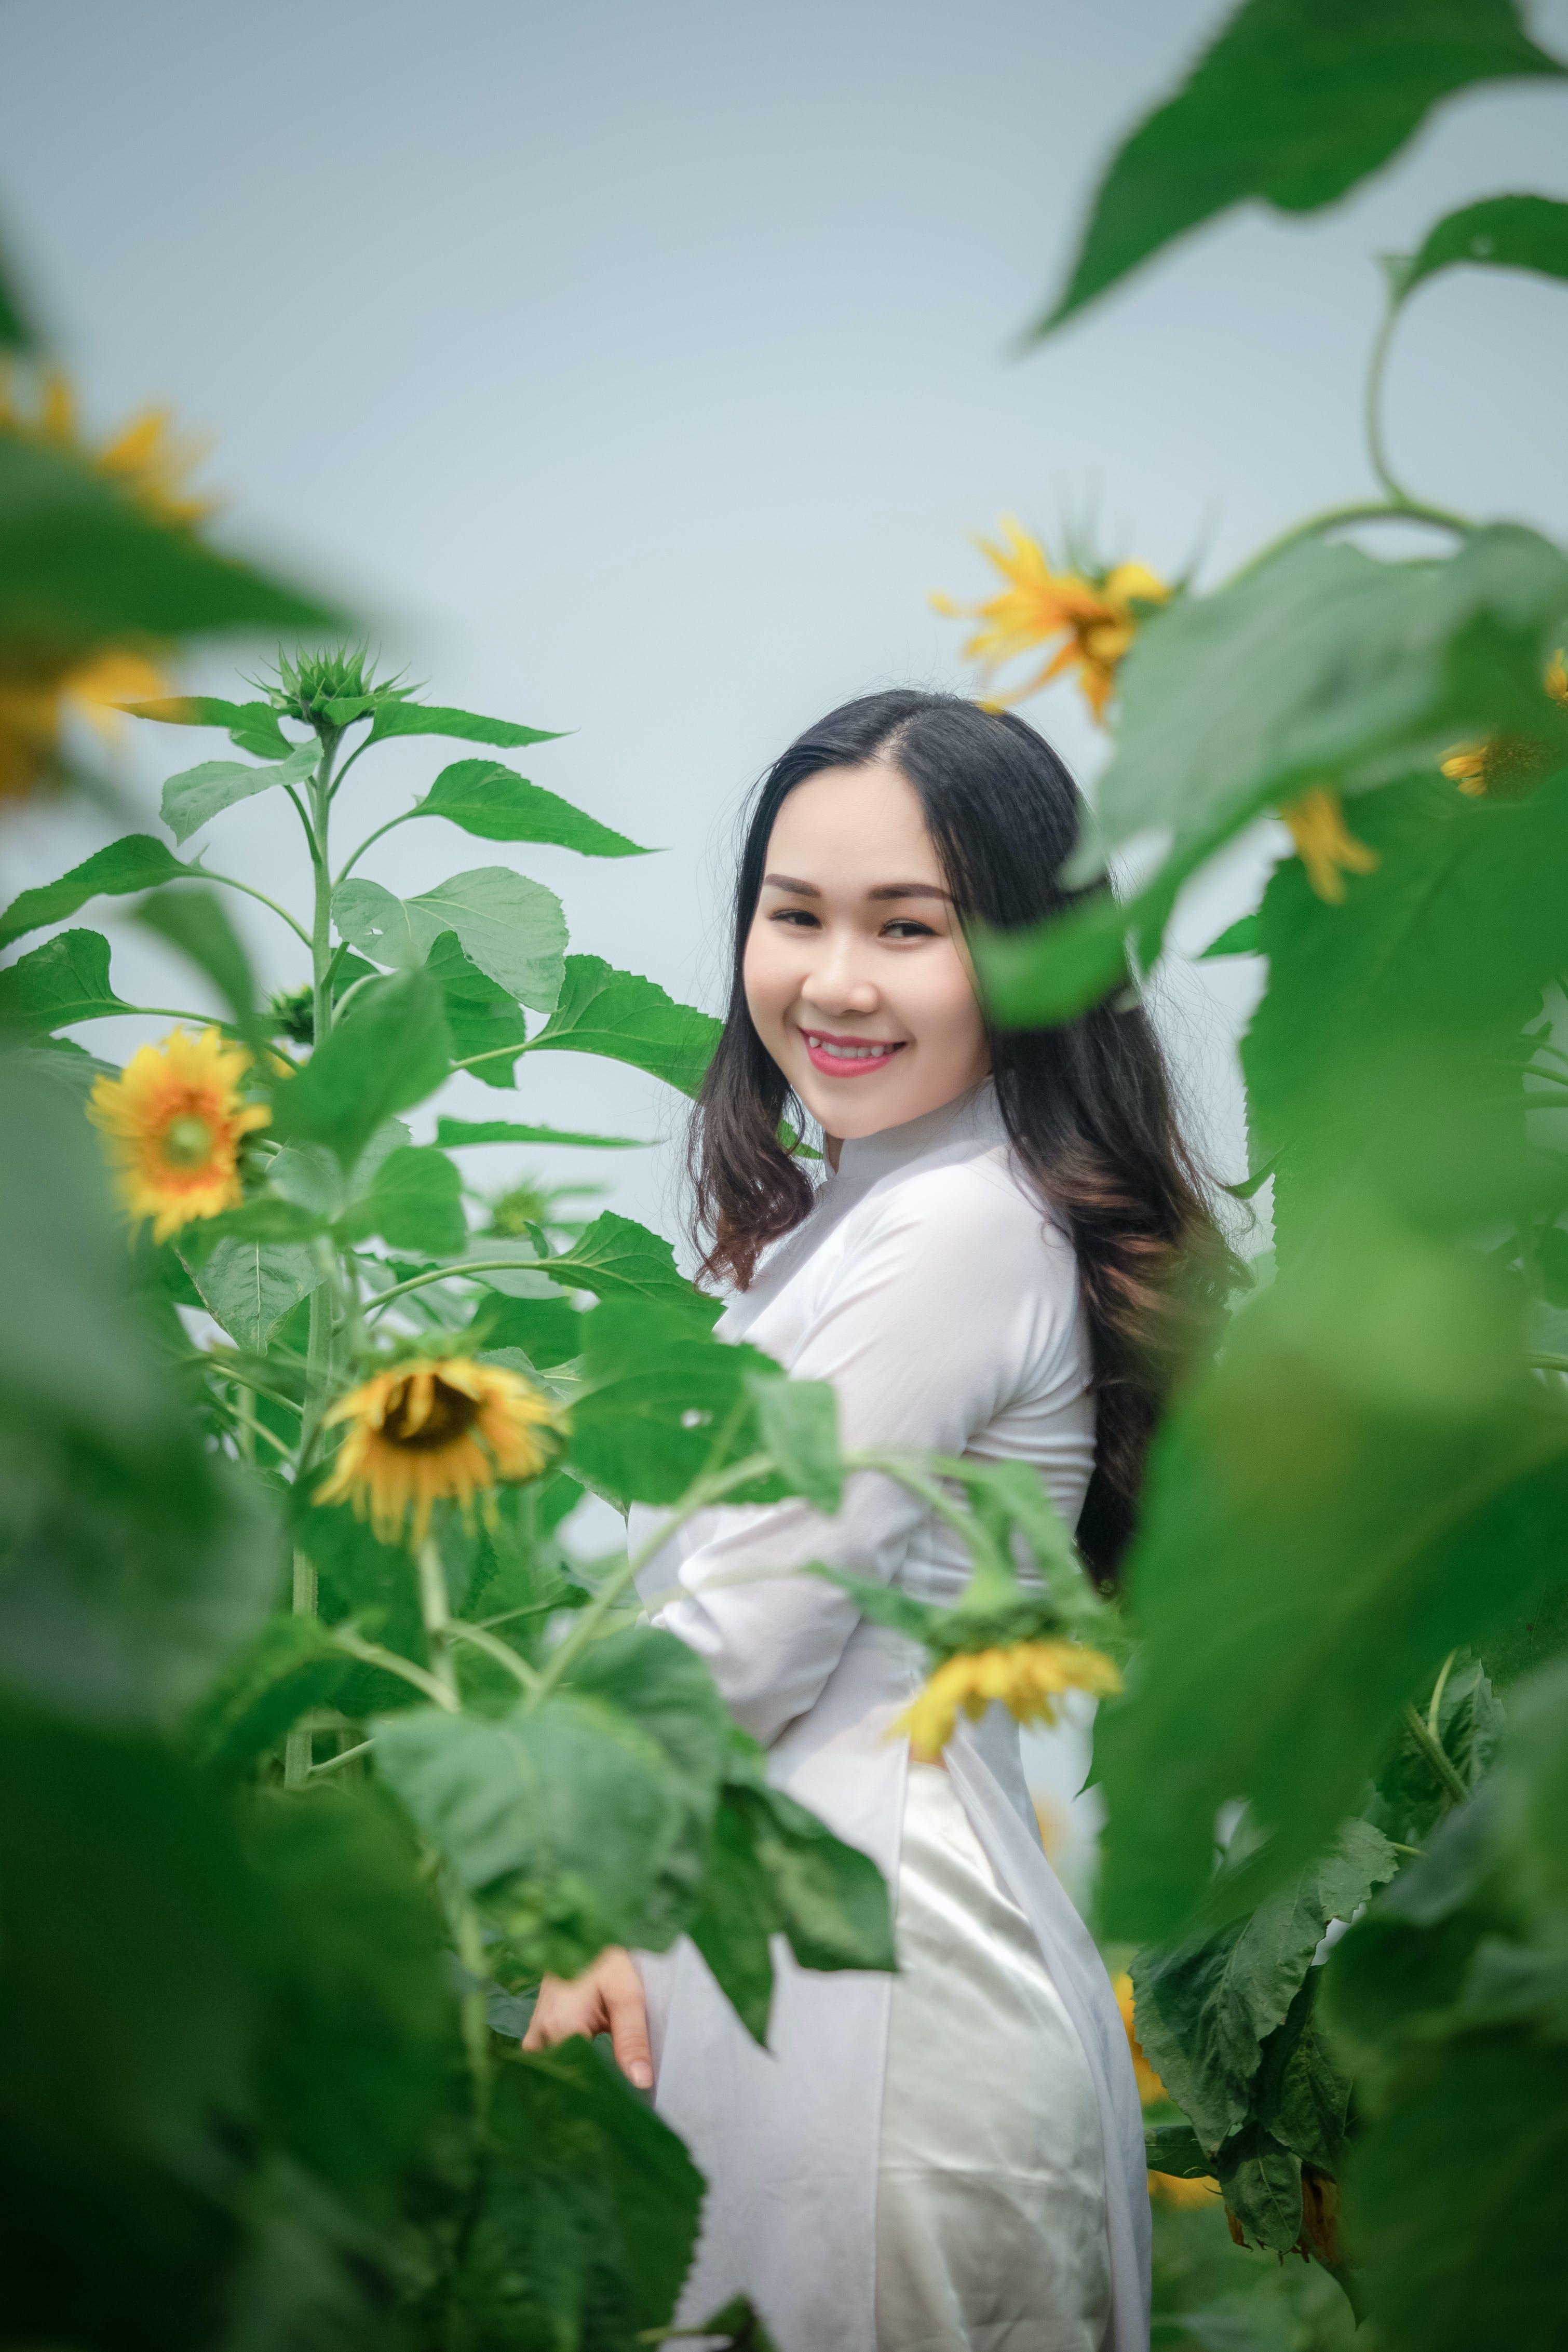 Δωρεάν στοκ φωτογραφιών με ao dai, άνθρωπος, ασιατικό κορίτσι, ασιάτισσα